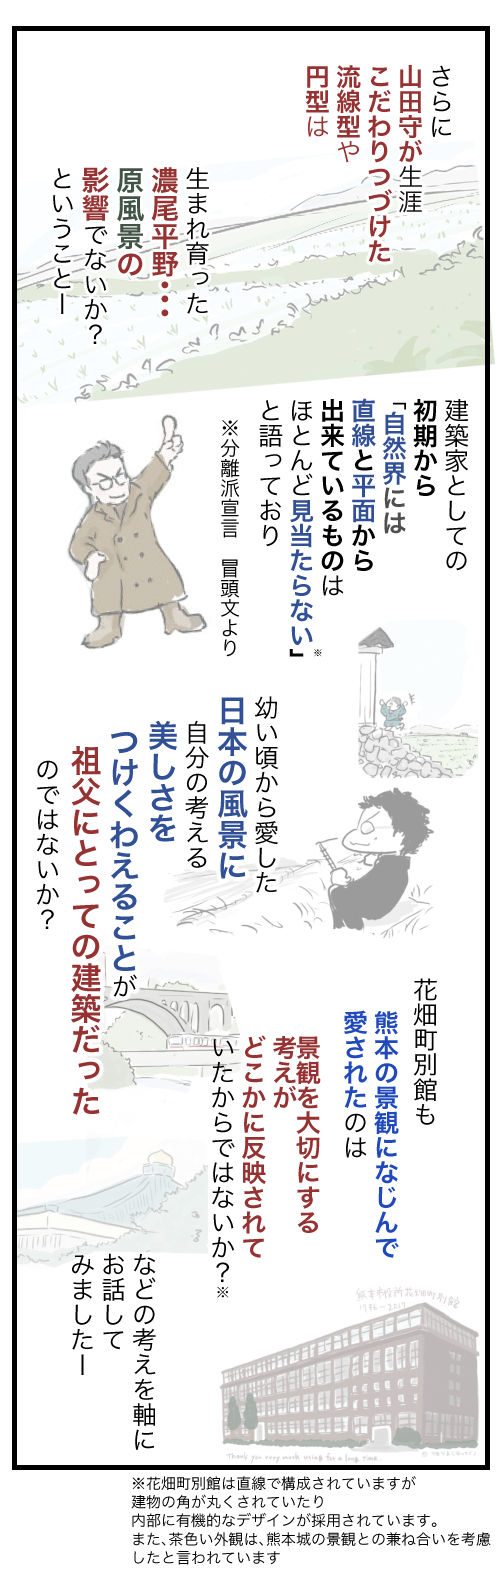 熊本レポ4−1−3